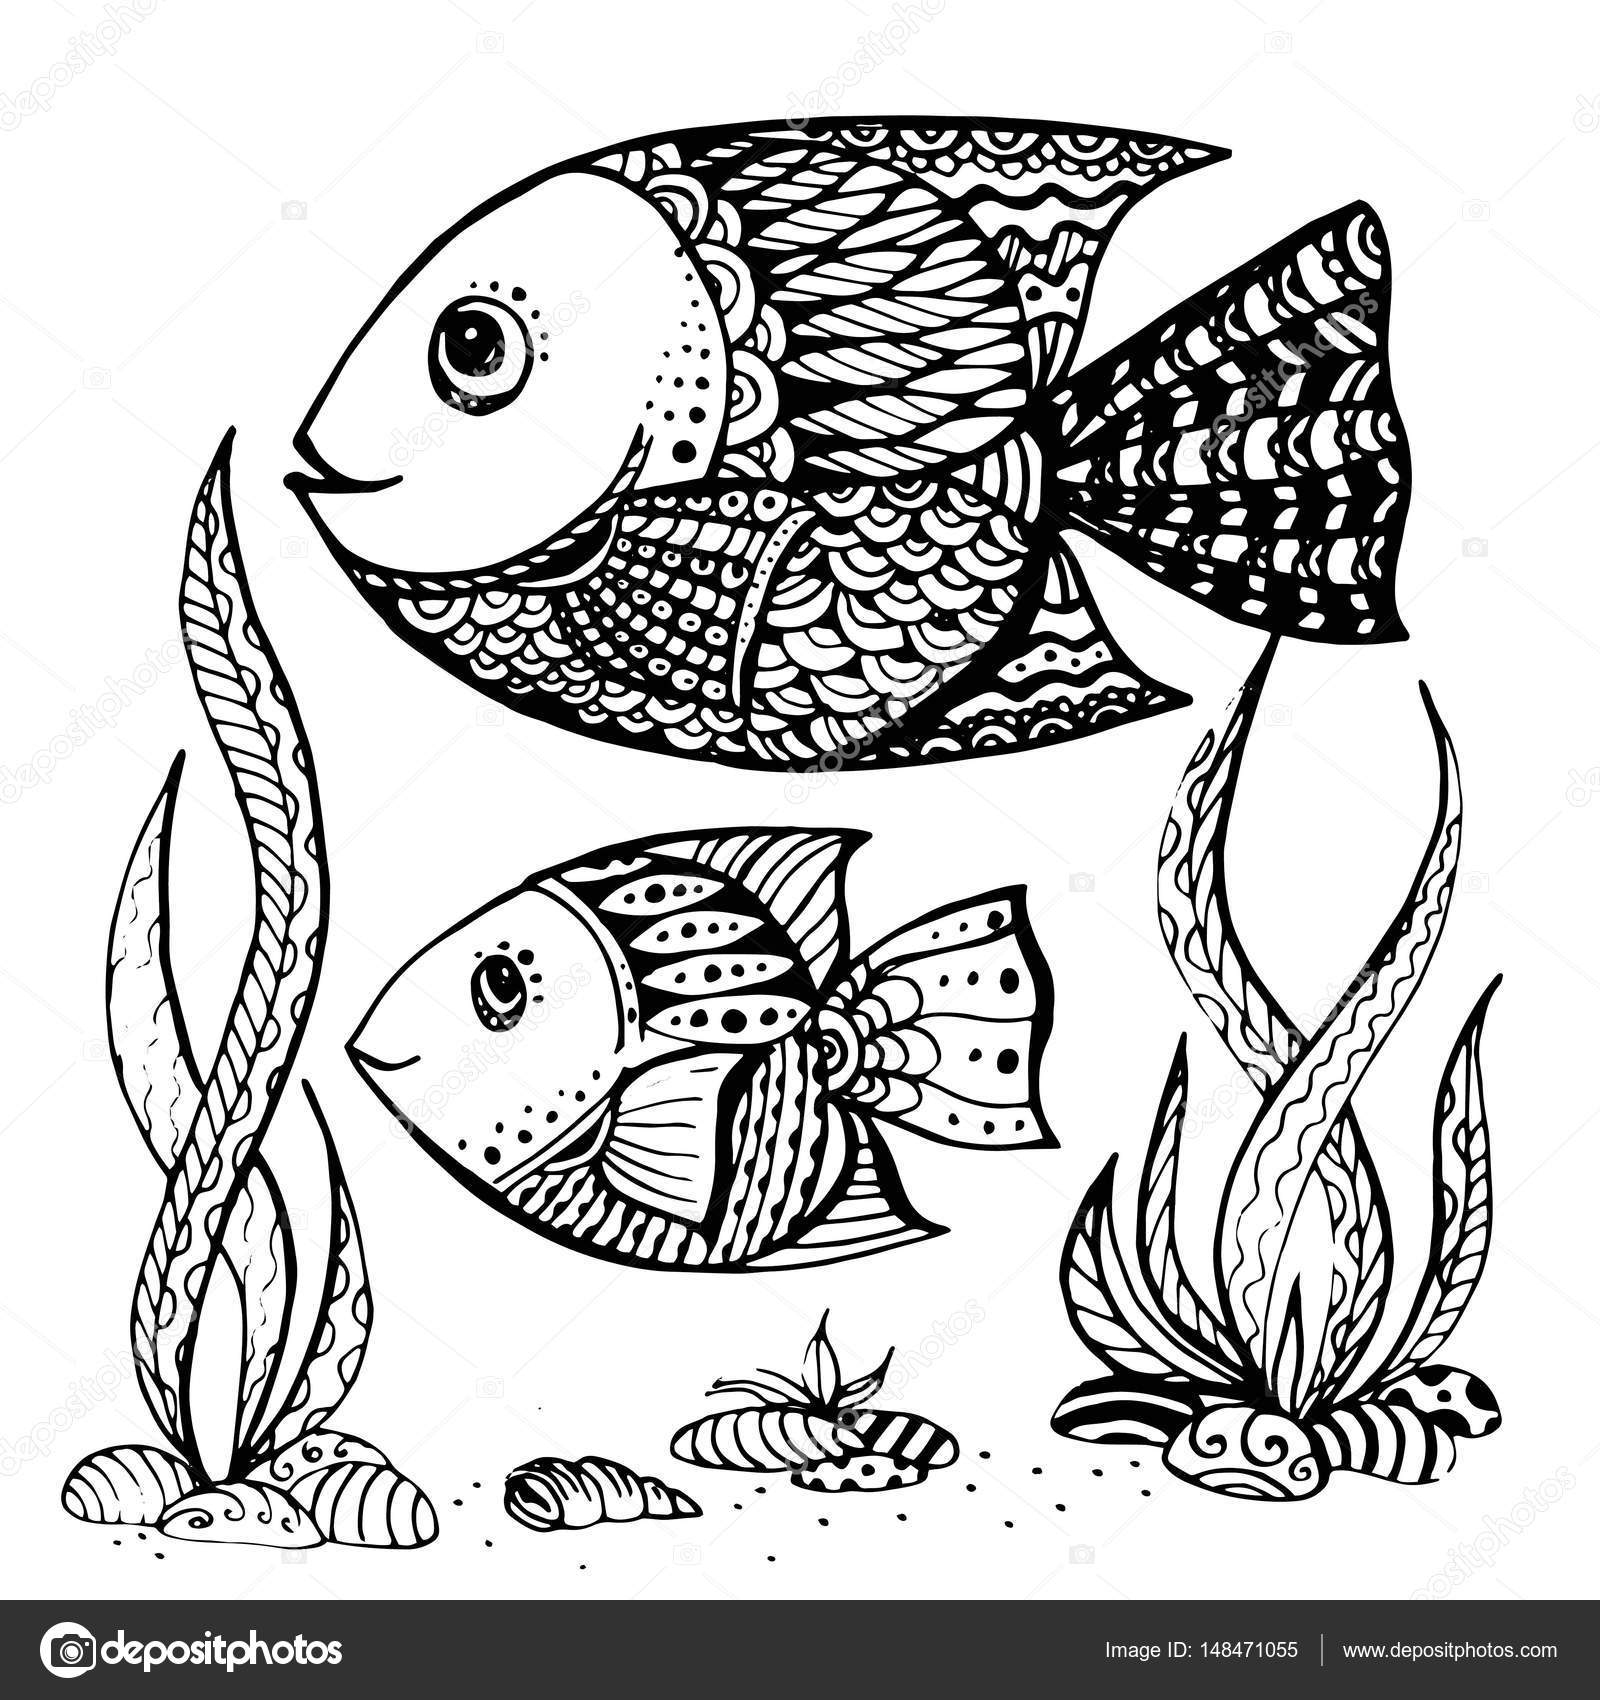 Adultos y patrón de pesca para colorear páginas para — Fotos de ...